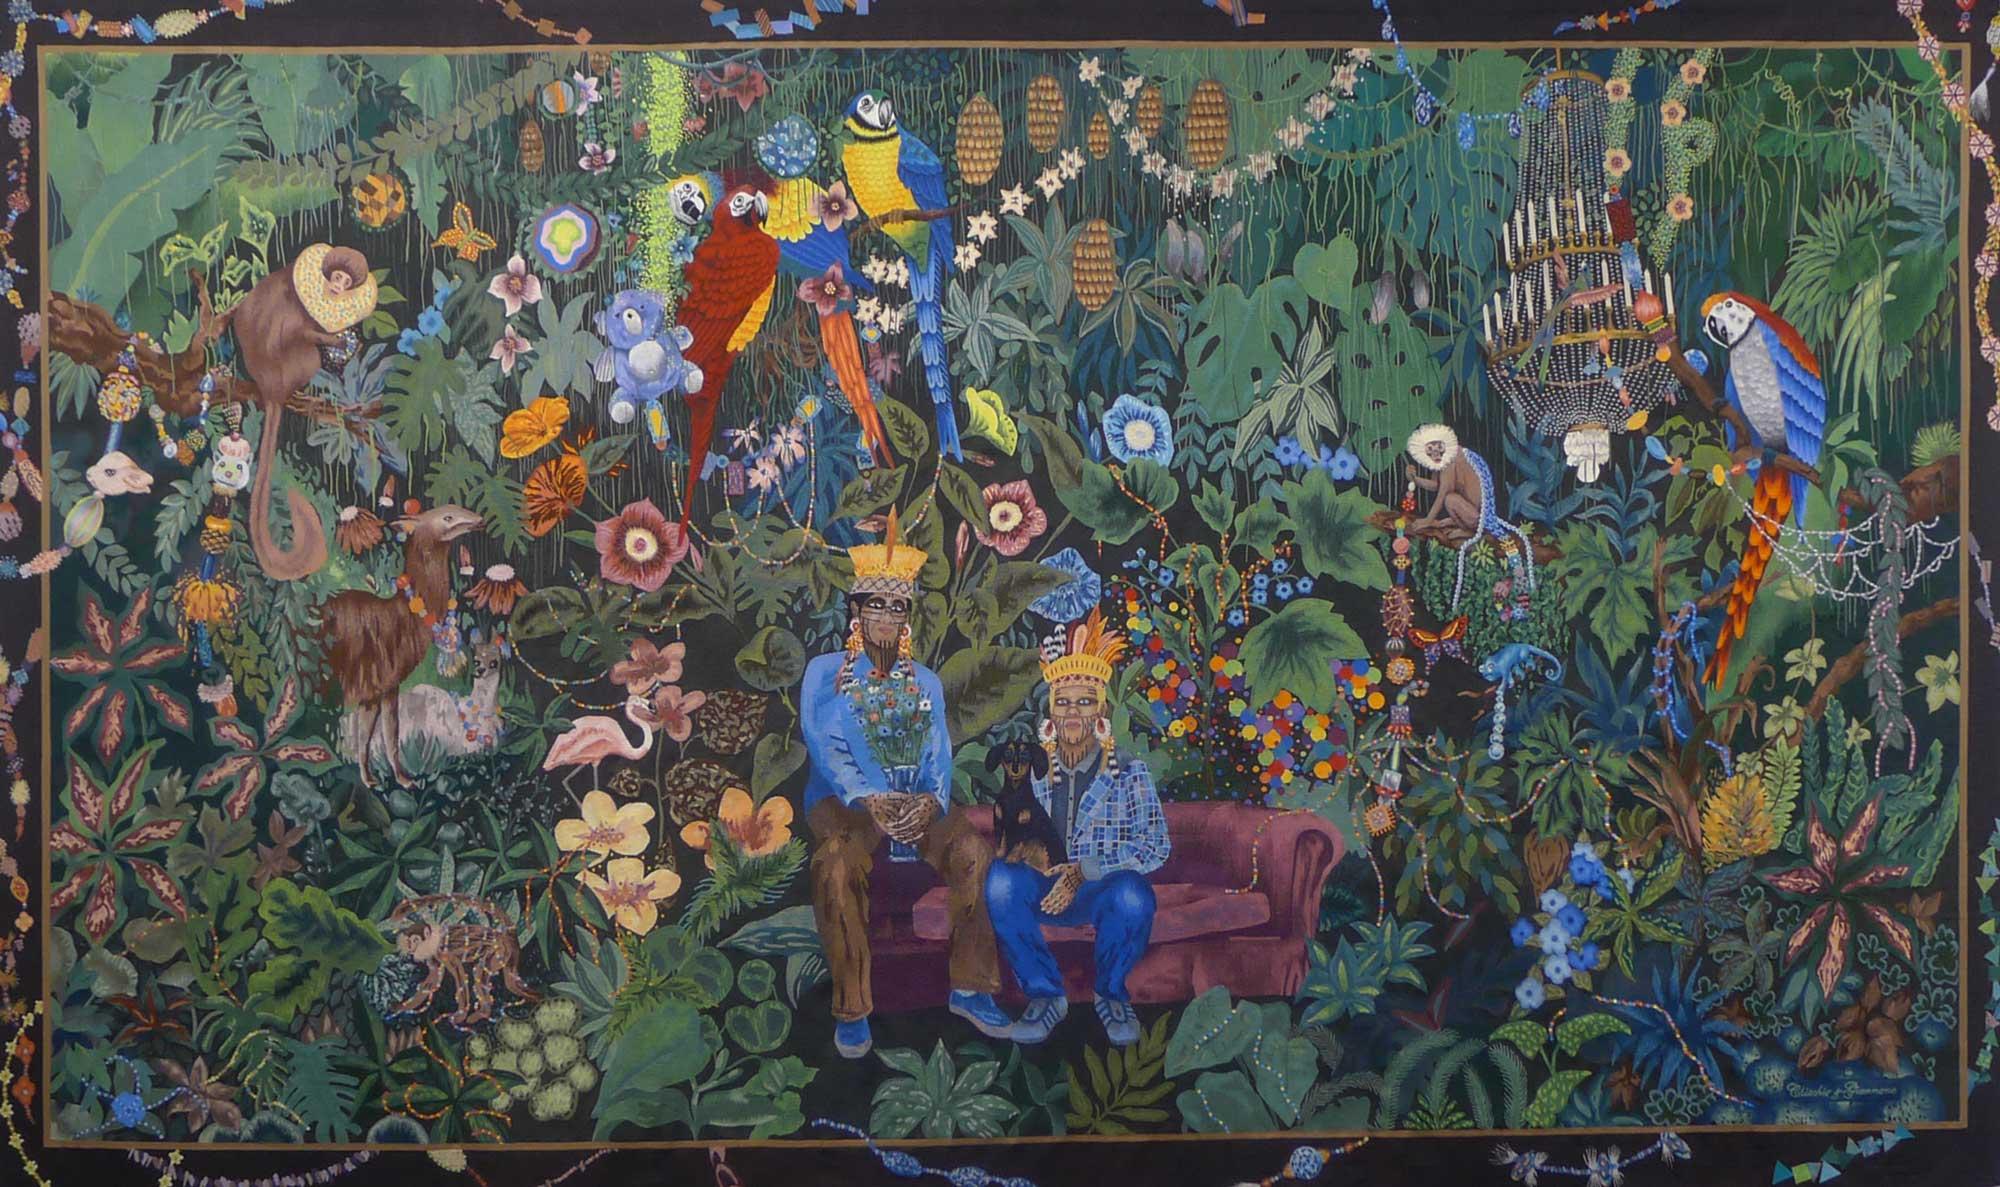 tapisserie la famille dans la joyeuse verdure - Aubusson